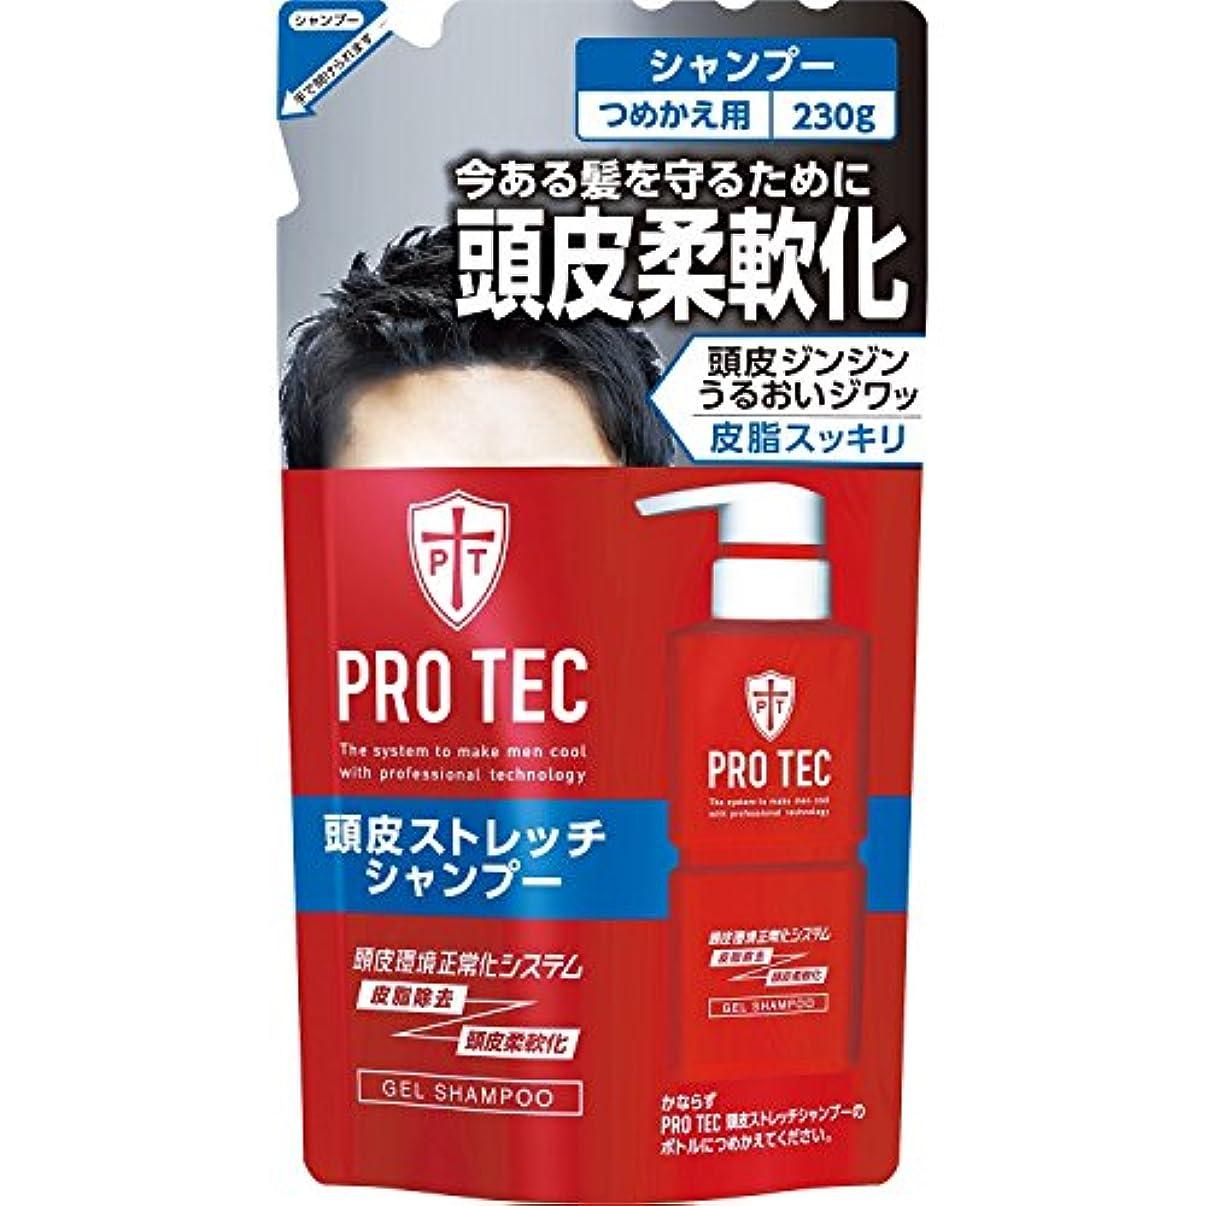 収益溢れんばかりのブームPRO TEC(プロテク) 頭皮ストレッチ シャンプー 詰め替え 230g(医薬部外品)